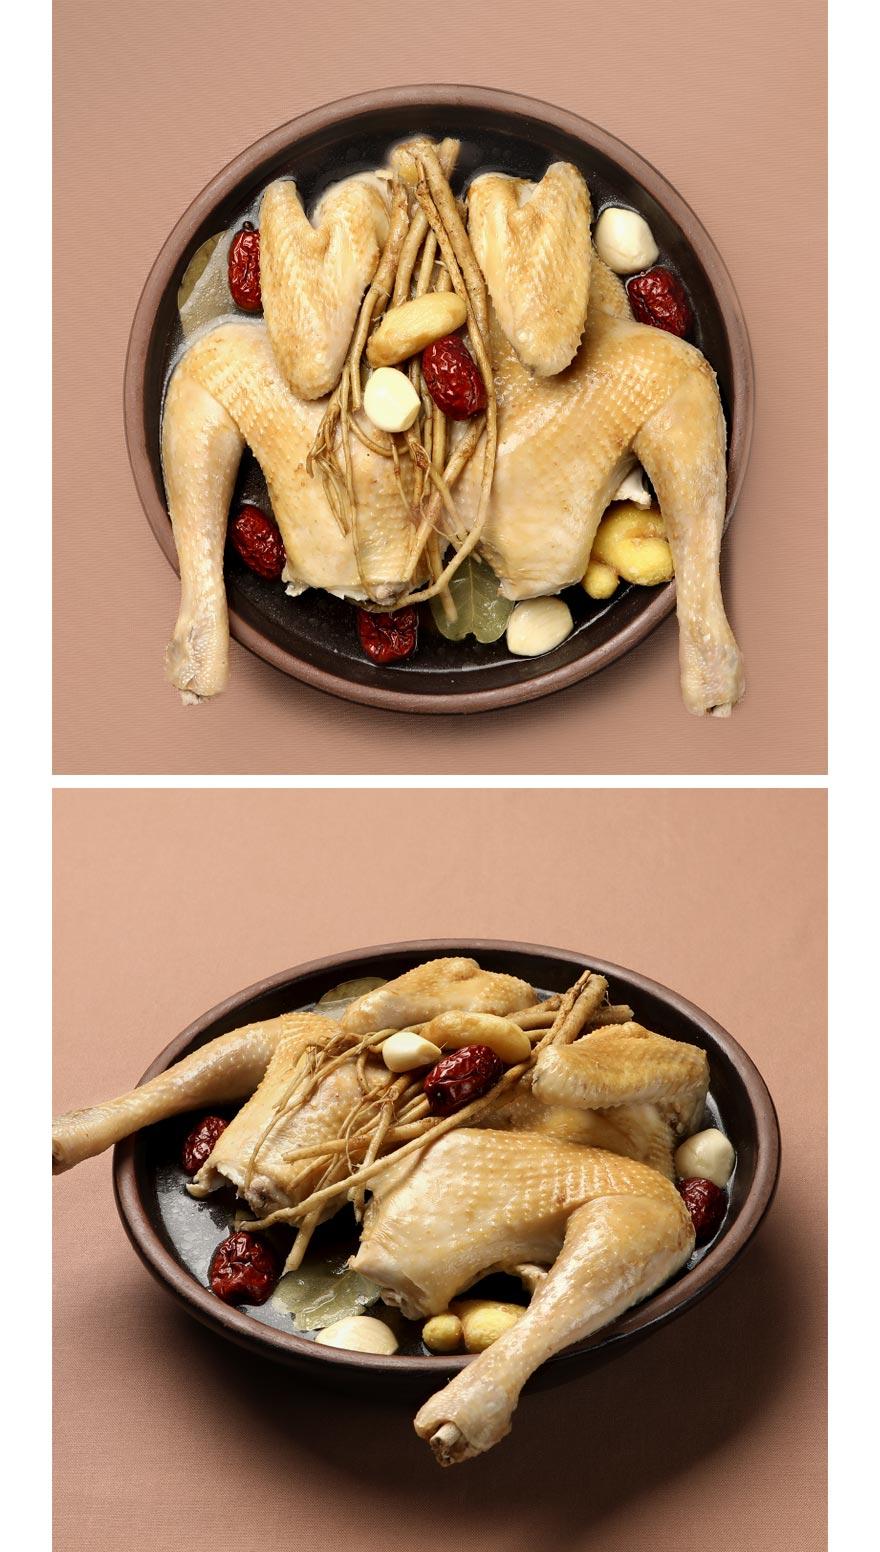 허해진 기를 보해주고 떨어진 체력을 끌어올려주는 대한민국 대표 보양식 황기토종닭이에요. 백숙의 정석 그대로 양념을 하지 않고 뽀얗게 푹 삶아서 준비했습니다. 신선한 국내산 토종닭을, 황기를 가득 넣어 우려낸 국물에 삶아 육질이 쫄깃하고 고소해요. 구수한 국물은 말할 것도 없구요, 고기 한 점에 국물 한 숟가락이면 보약 같은 식사를 즐길 수 있습니다. 작은 재료 하나도 믿을 수 있으니까 부모님께 드리는 특별밥상으로, 아이 반찬으로, 환자 보양식으로 모두 좋아요.